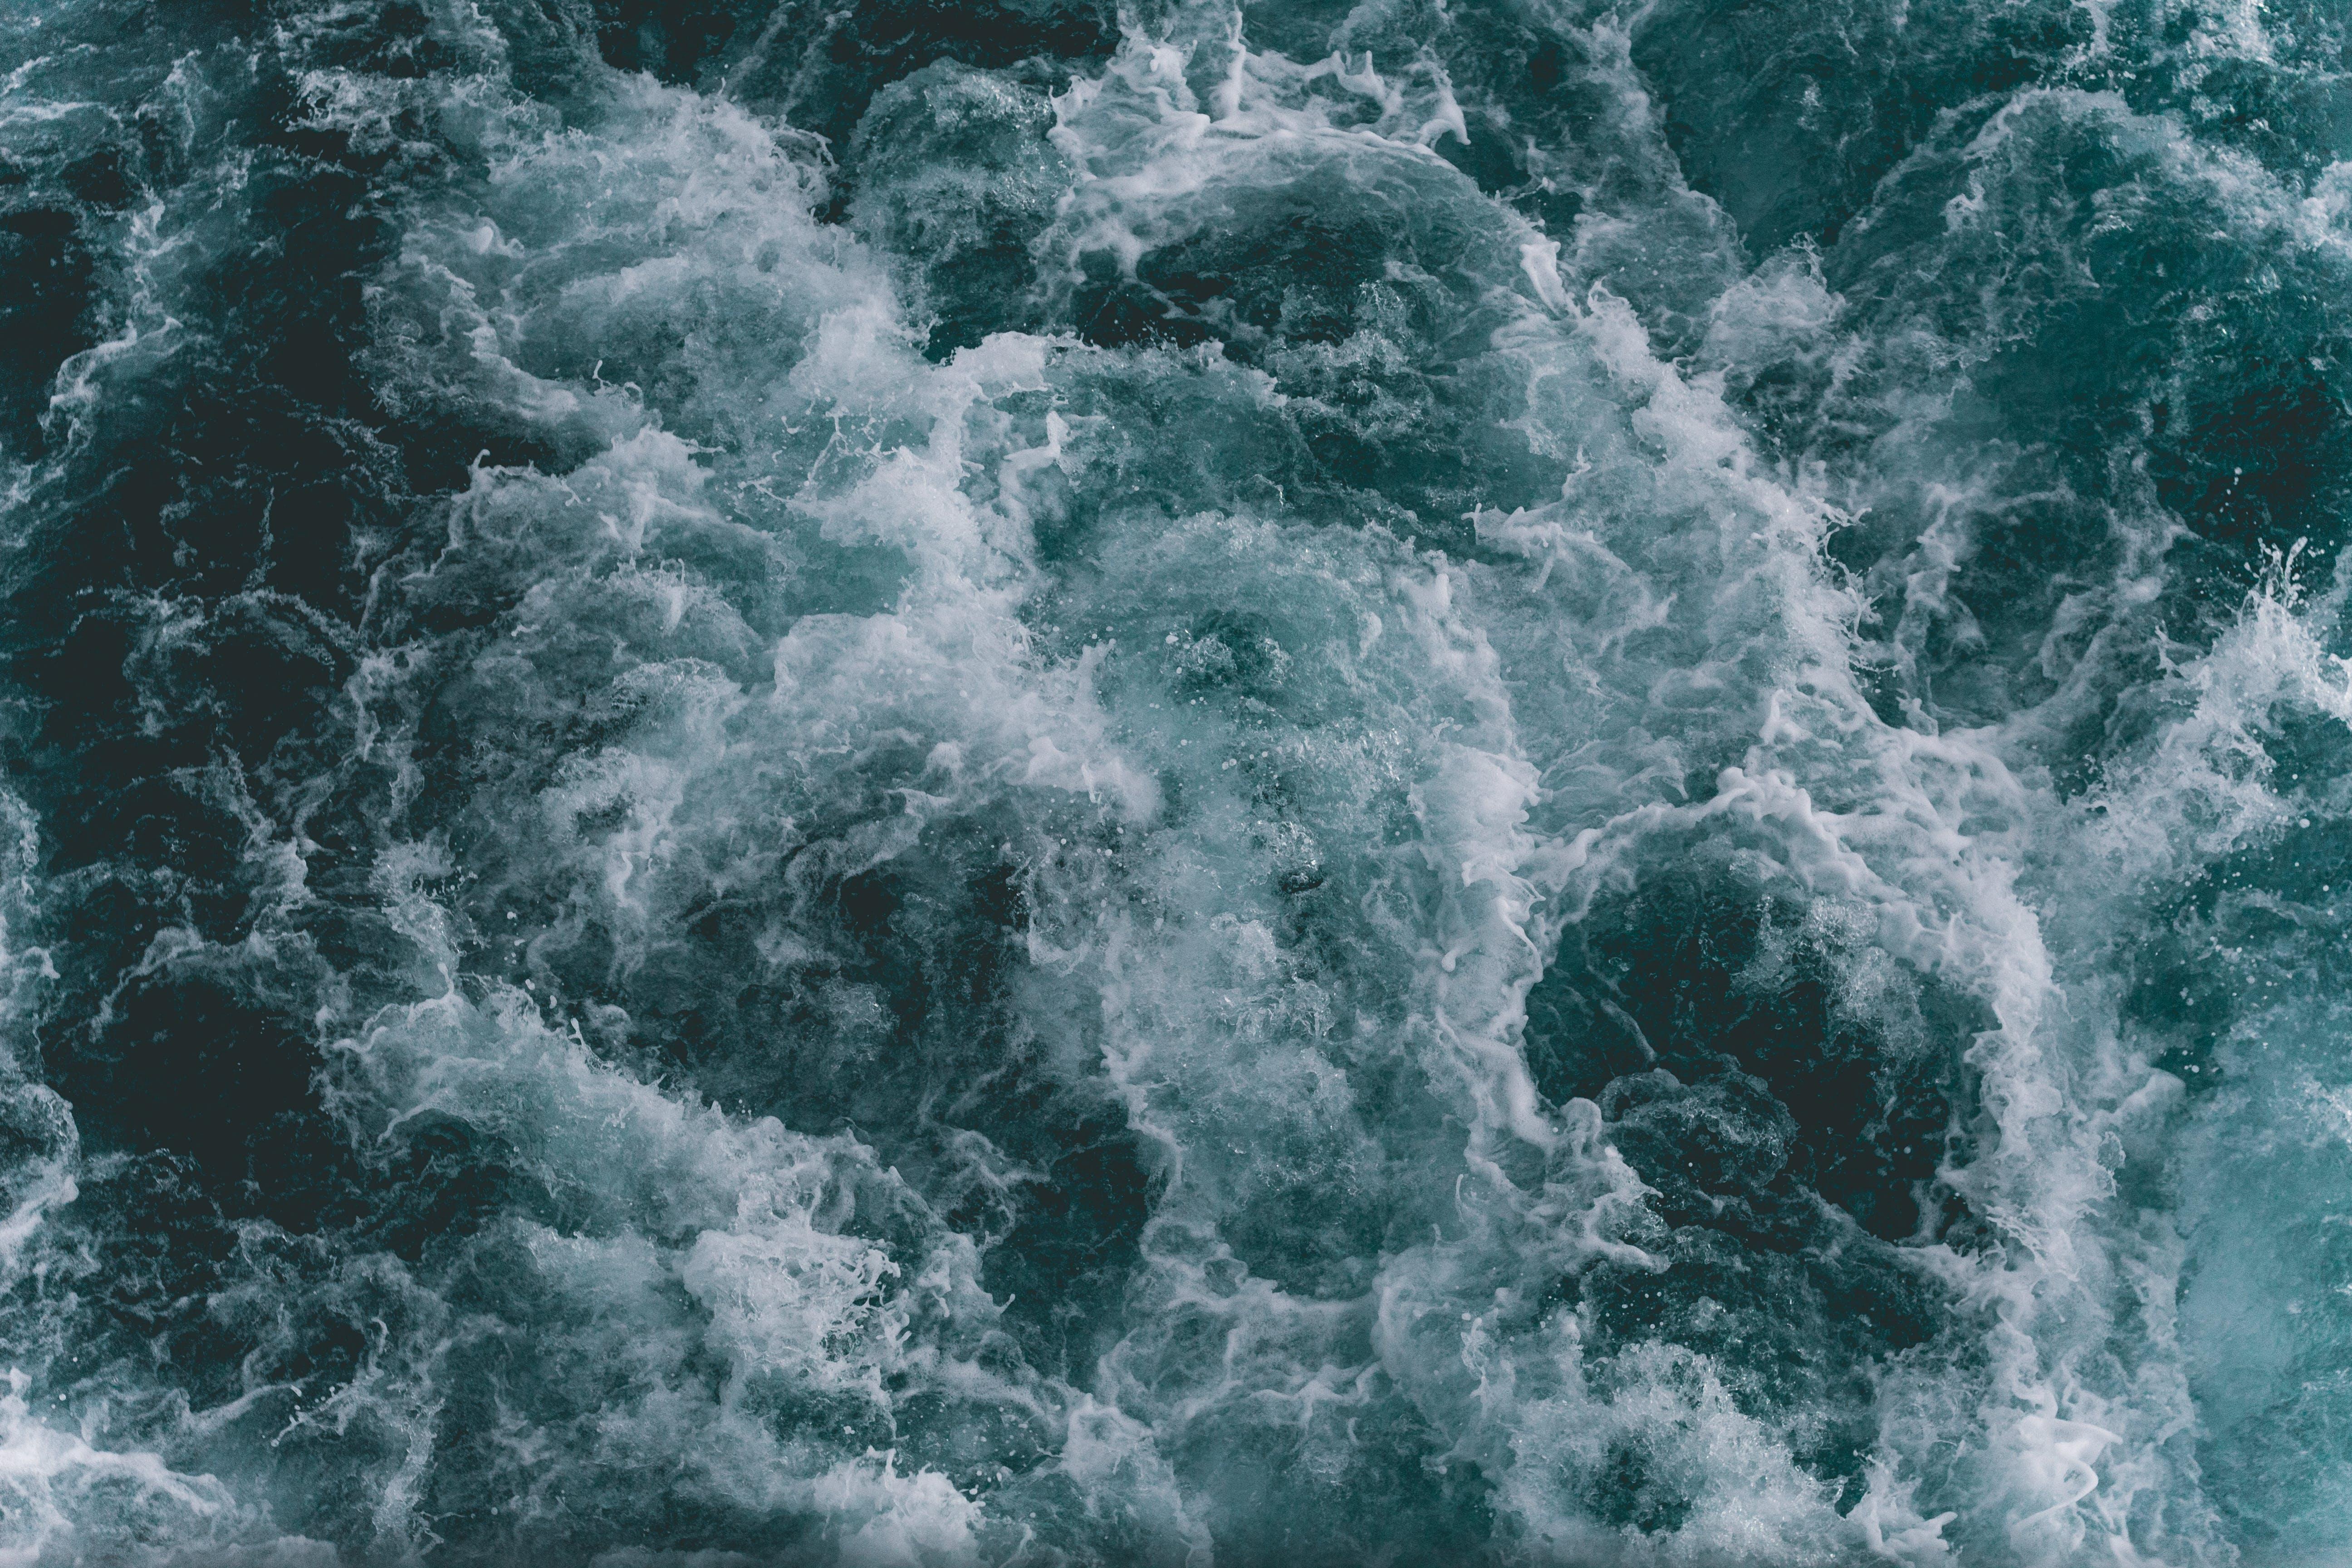 Δωρεάν στοκ φωτογραφιών με βουτιά, γαλαζοπράσινος, γνέφω, θάλασσα